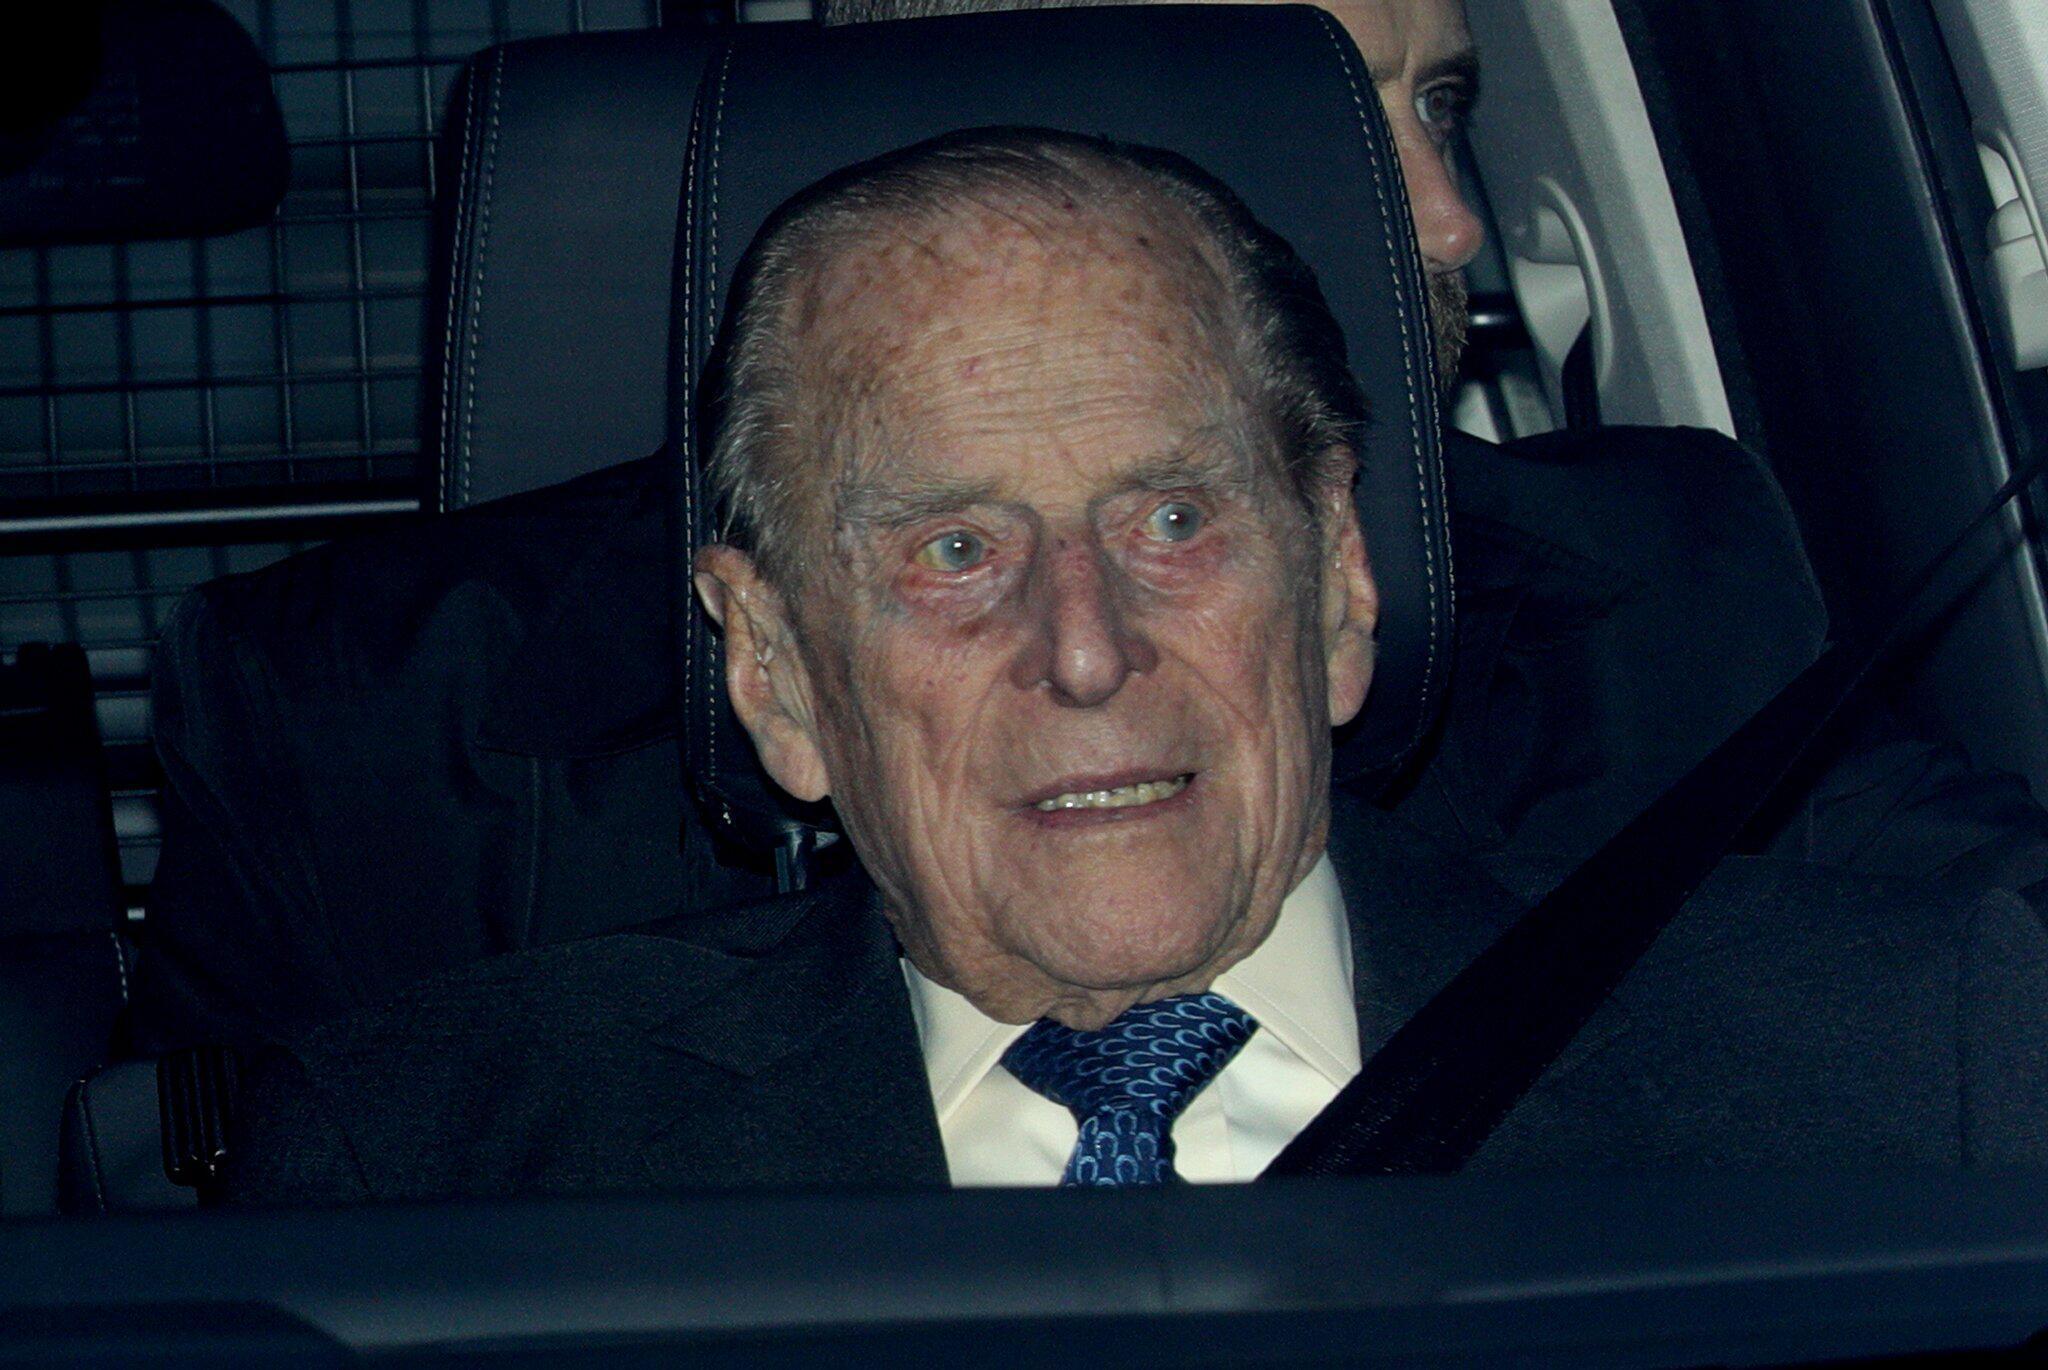 Prinz Philip in Autounfall verwickelt - er blieb unverletzt